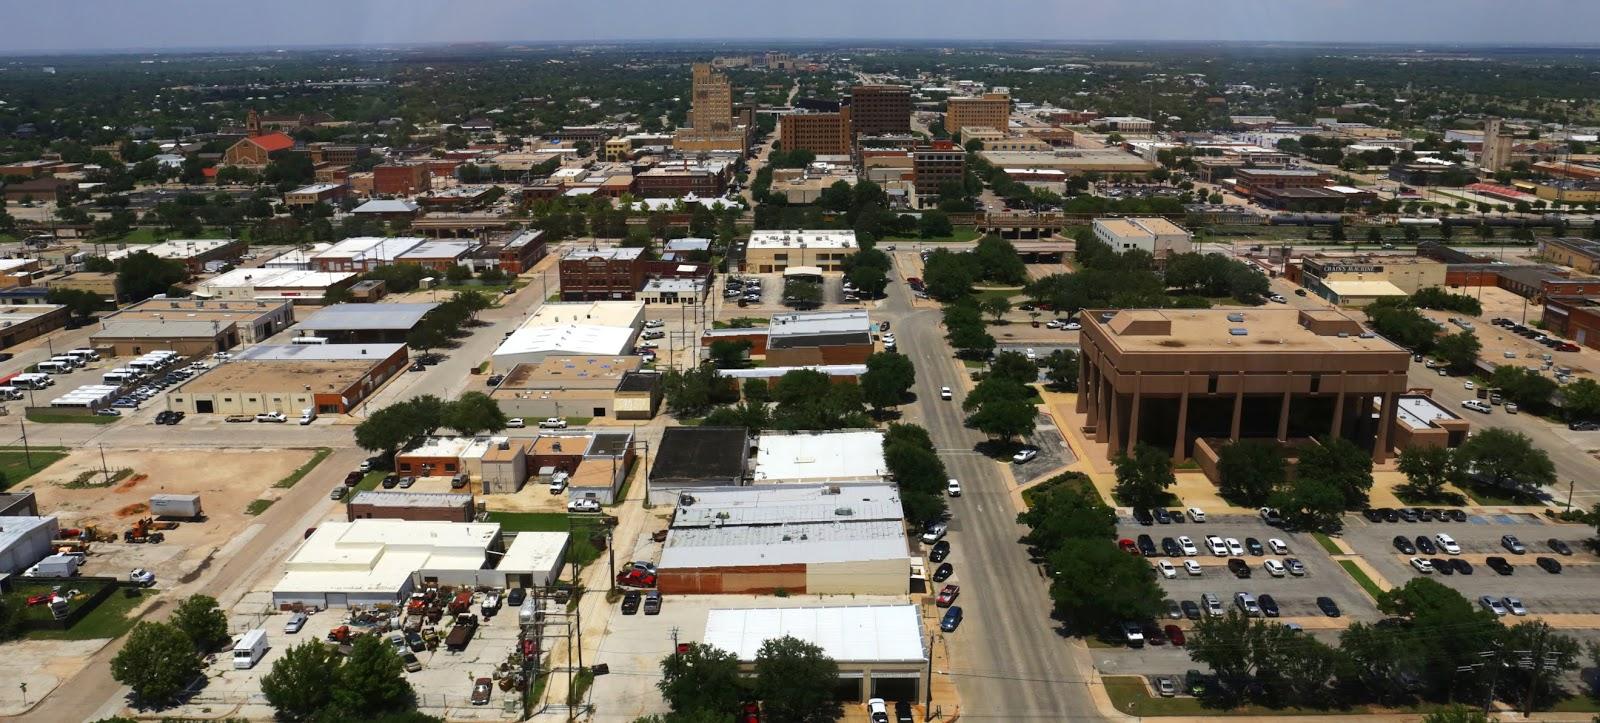 Abilene, Kansas | Estados Unidos da América